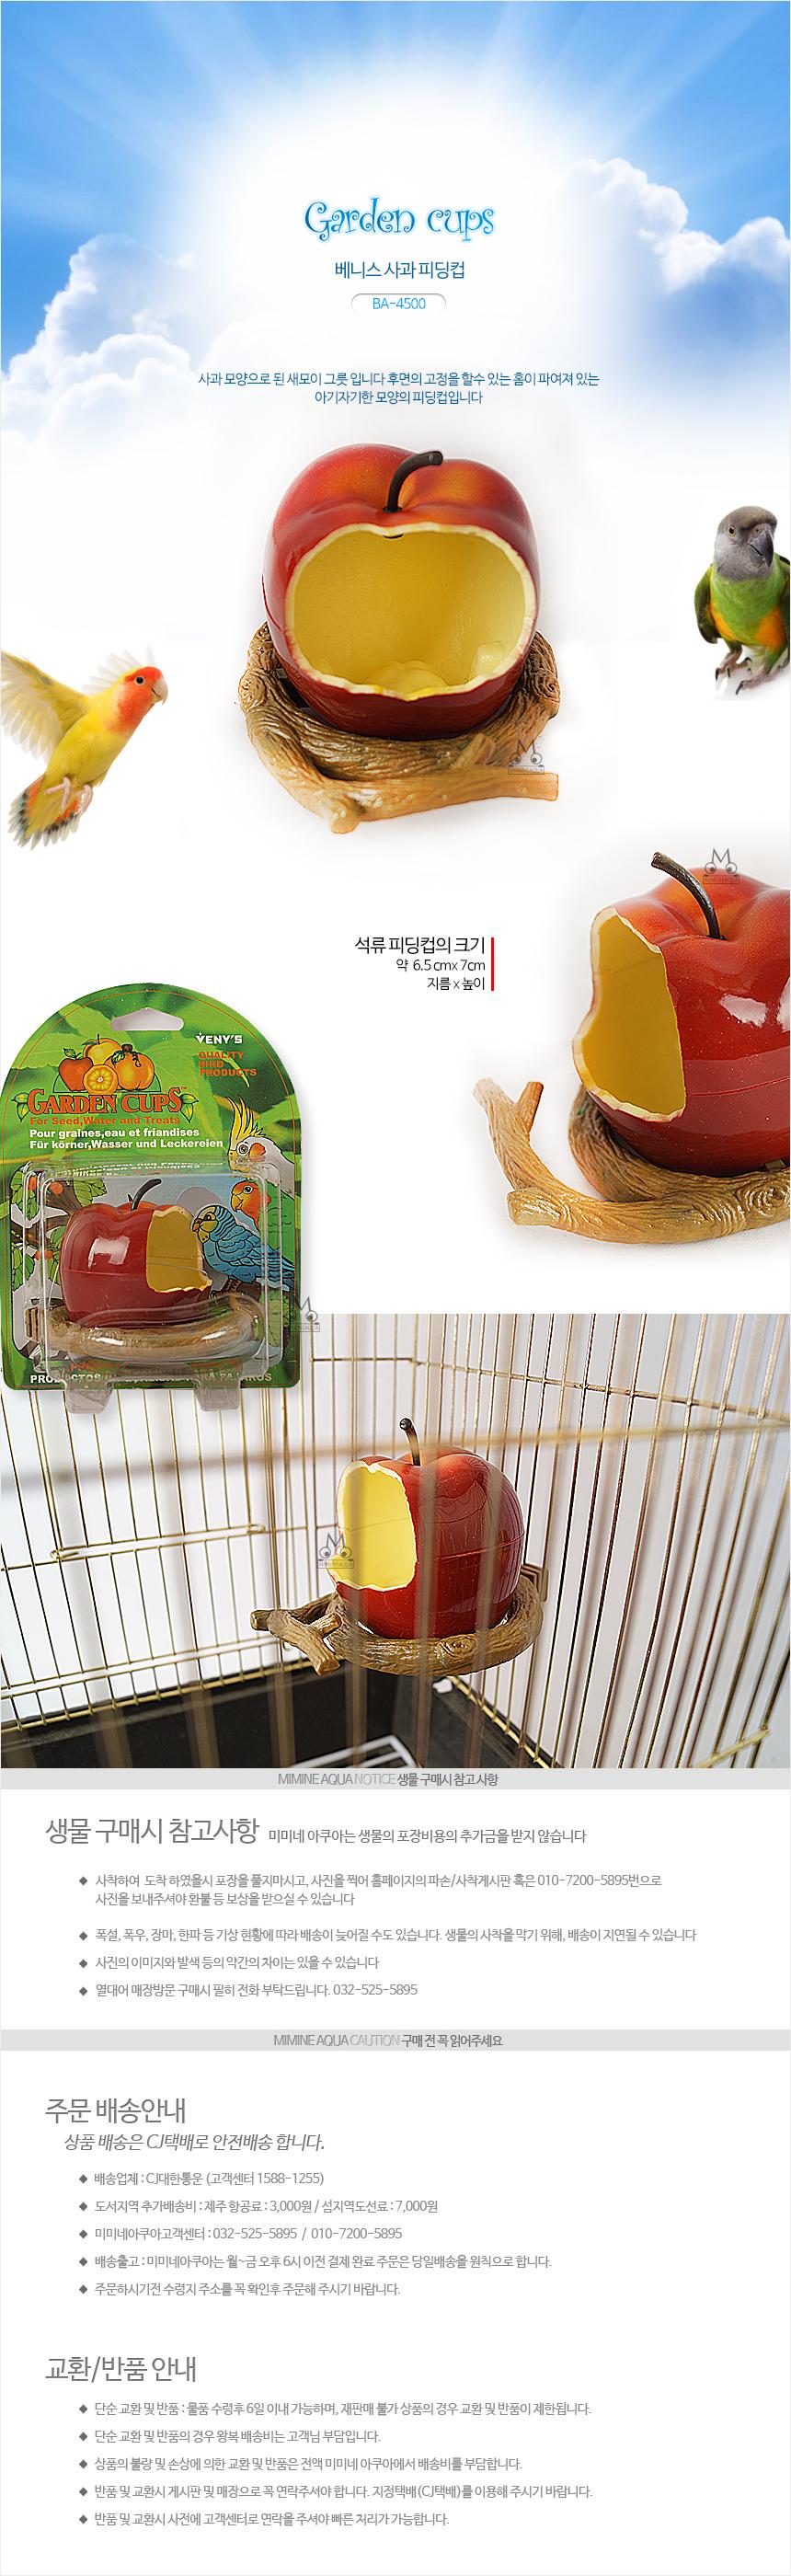 베니스 사과 피딩컵 (BA-4500) - 새모이그릇 새용품 - 미미네아쿠아, 7,000원, 조류용품, 모이통/둥지